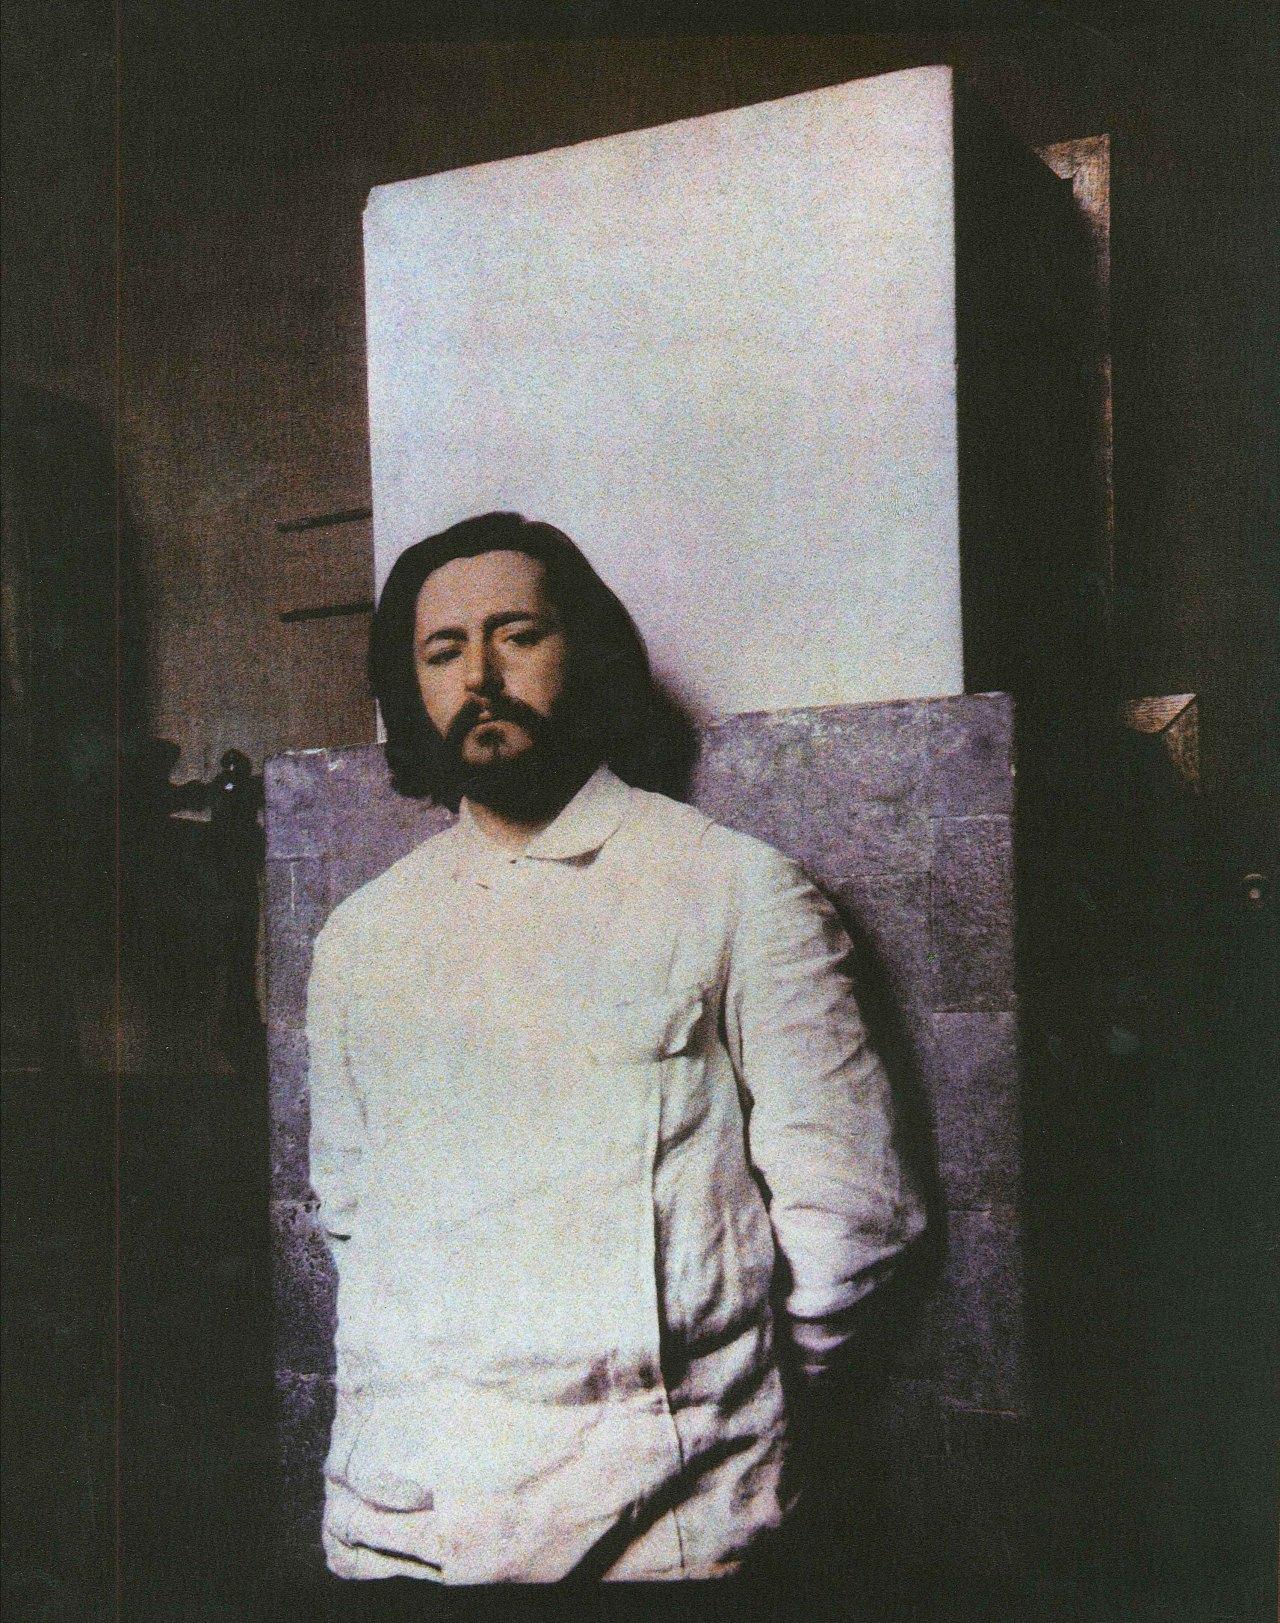 Русский писатель Леонид Андреев, автопортрет, 1908 г.